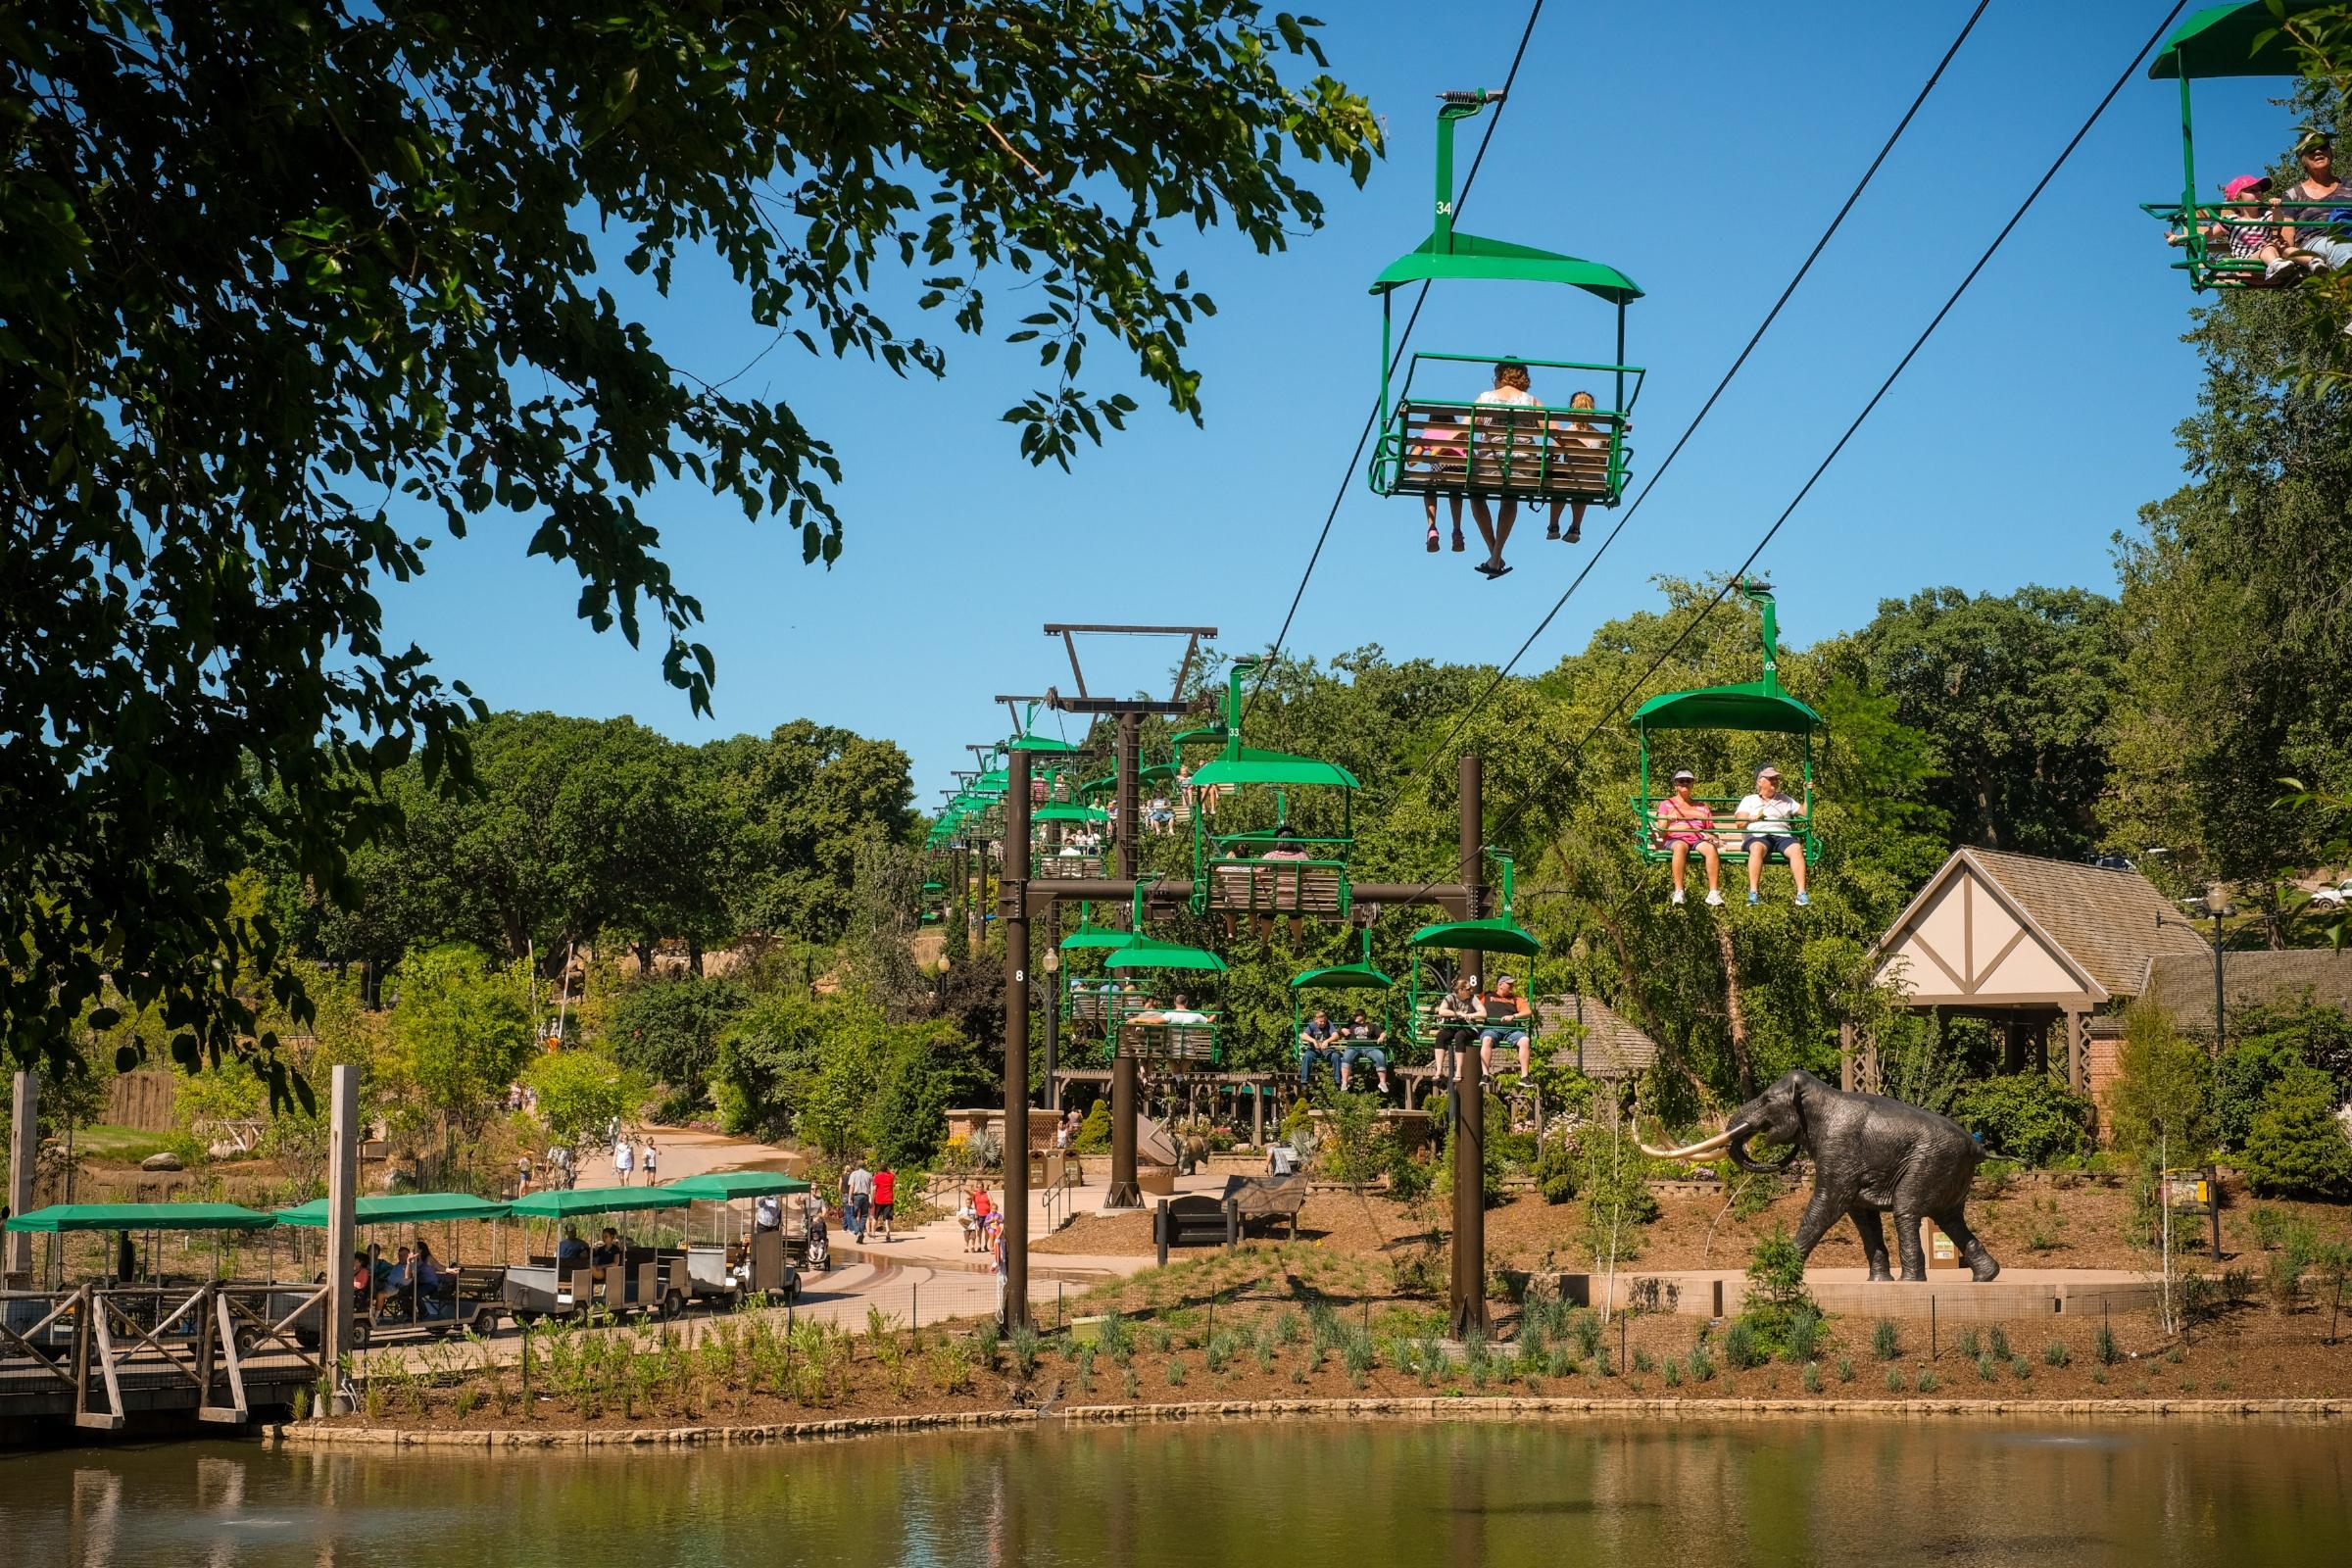 Omaha's Henry Doorly Zoo and Aquarium on kansas city zoo, dallas texas zoo, omaha zoo,